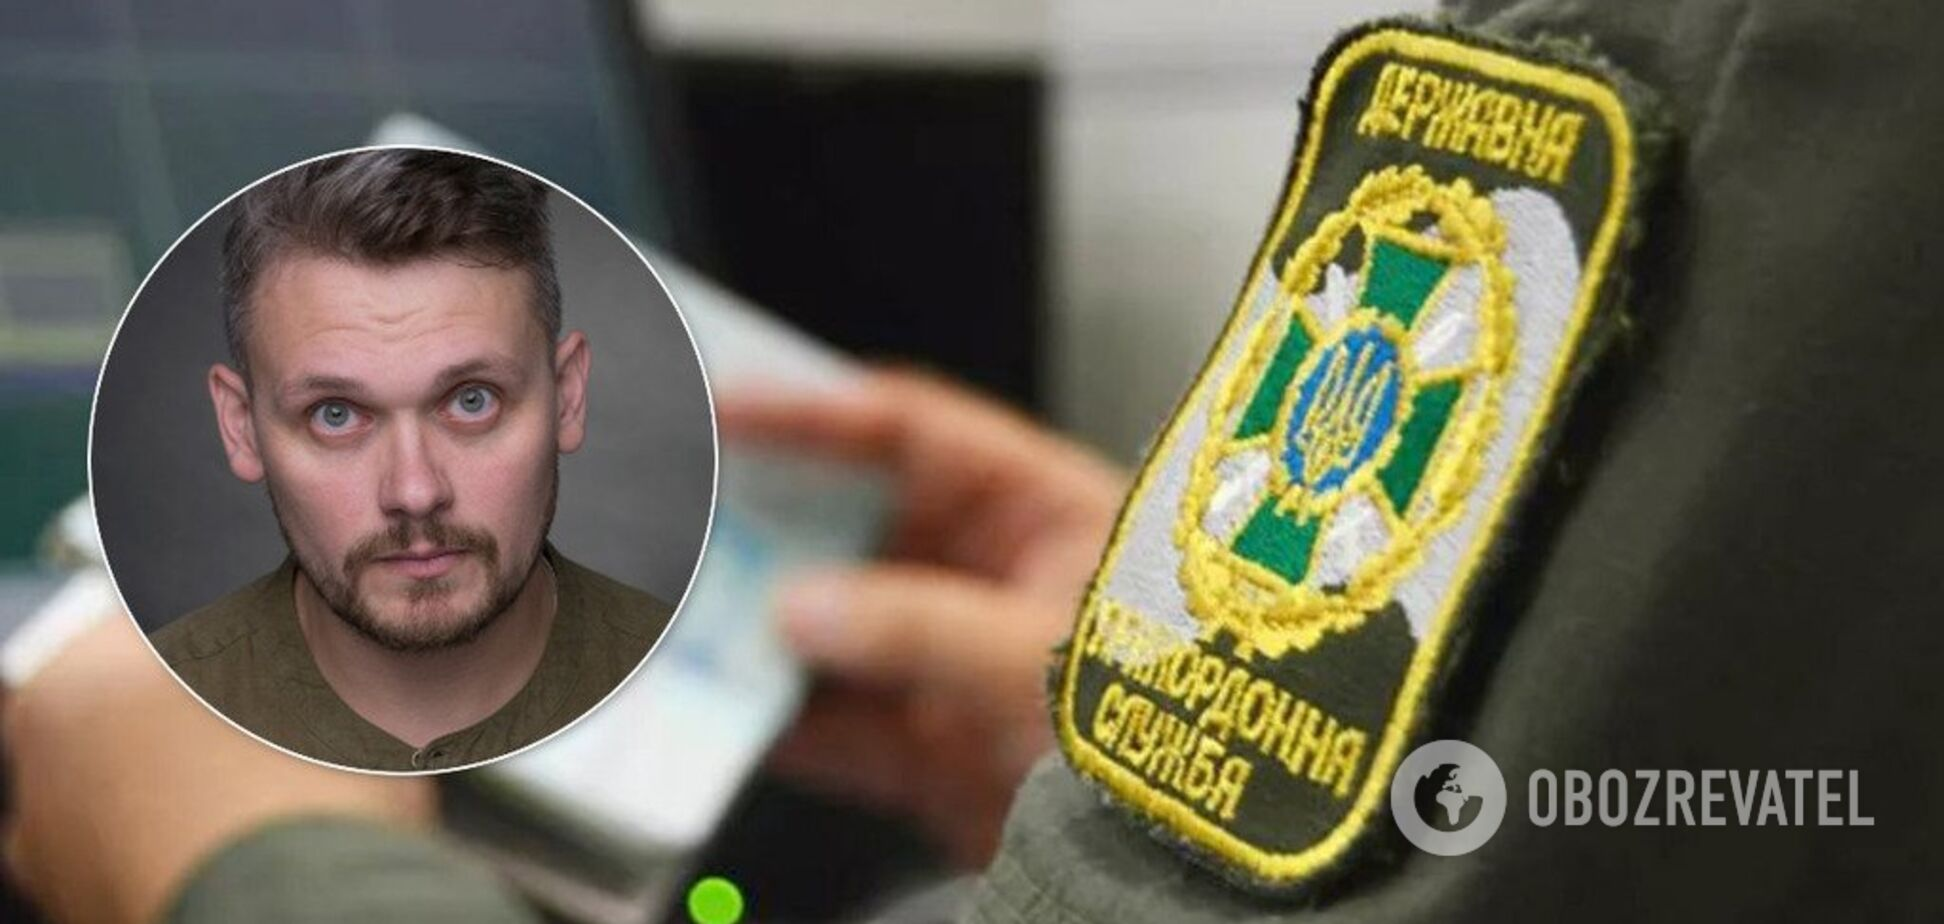 Актеру из России запретили въезд в Украину: источник назвал имя